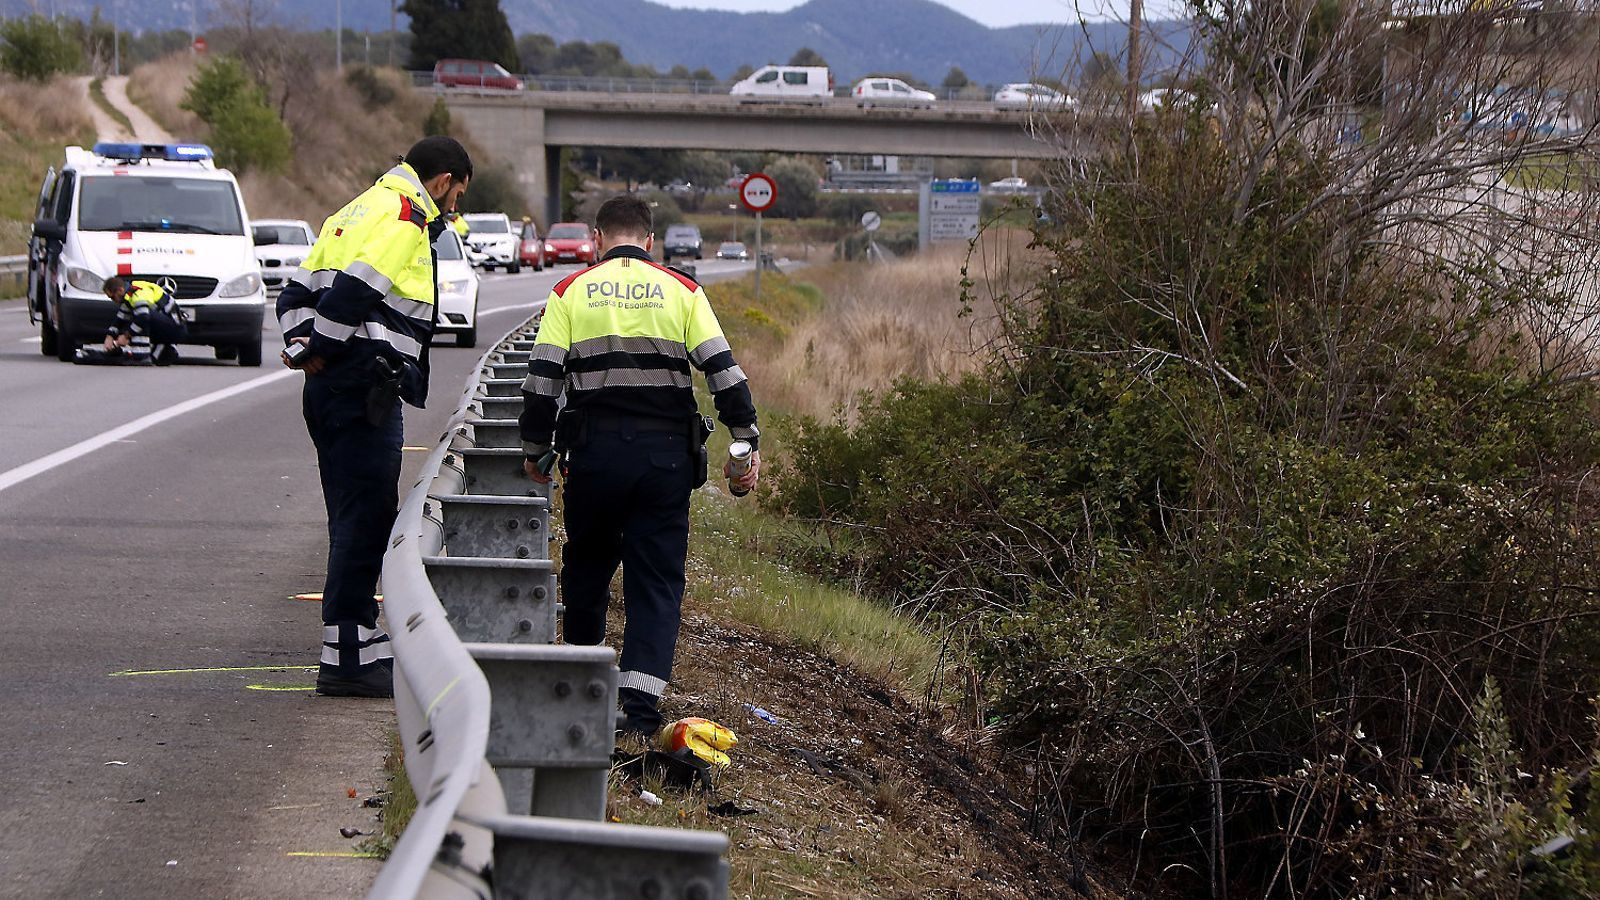 Dos agents dels Mossos d'Esquadra inspeccionant el punt de la carretera C-31, a Vilanova i la Geltrú, on dissabte van morir els dos ocupants d'una moto en un xoc frontal amb un turisme.